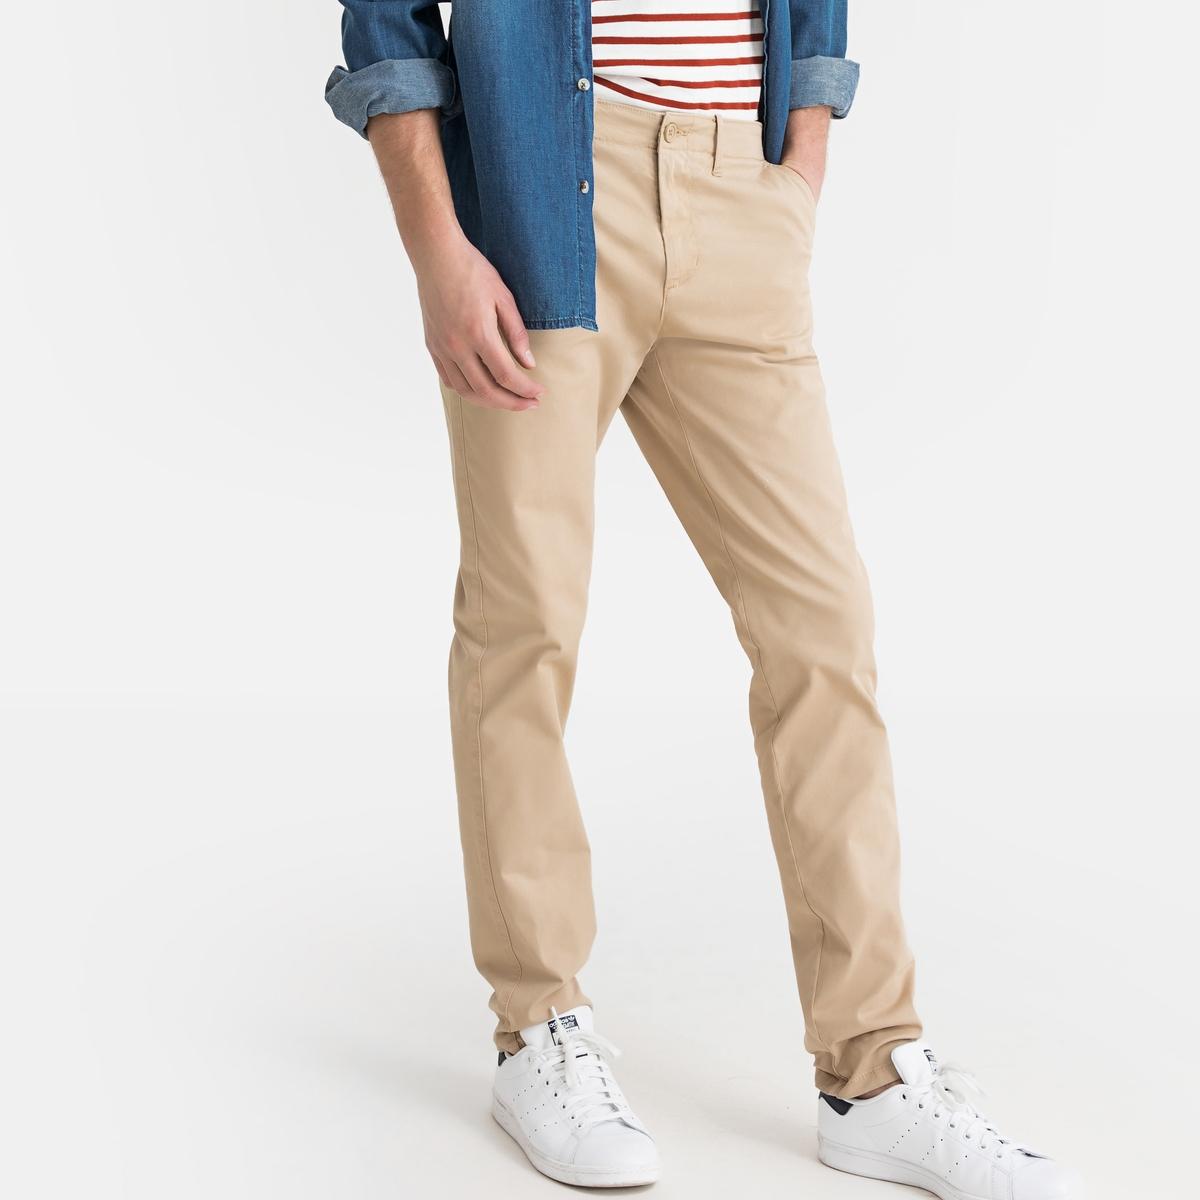 Calças chino corte slim, algodão stretch